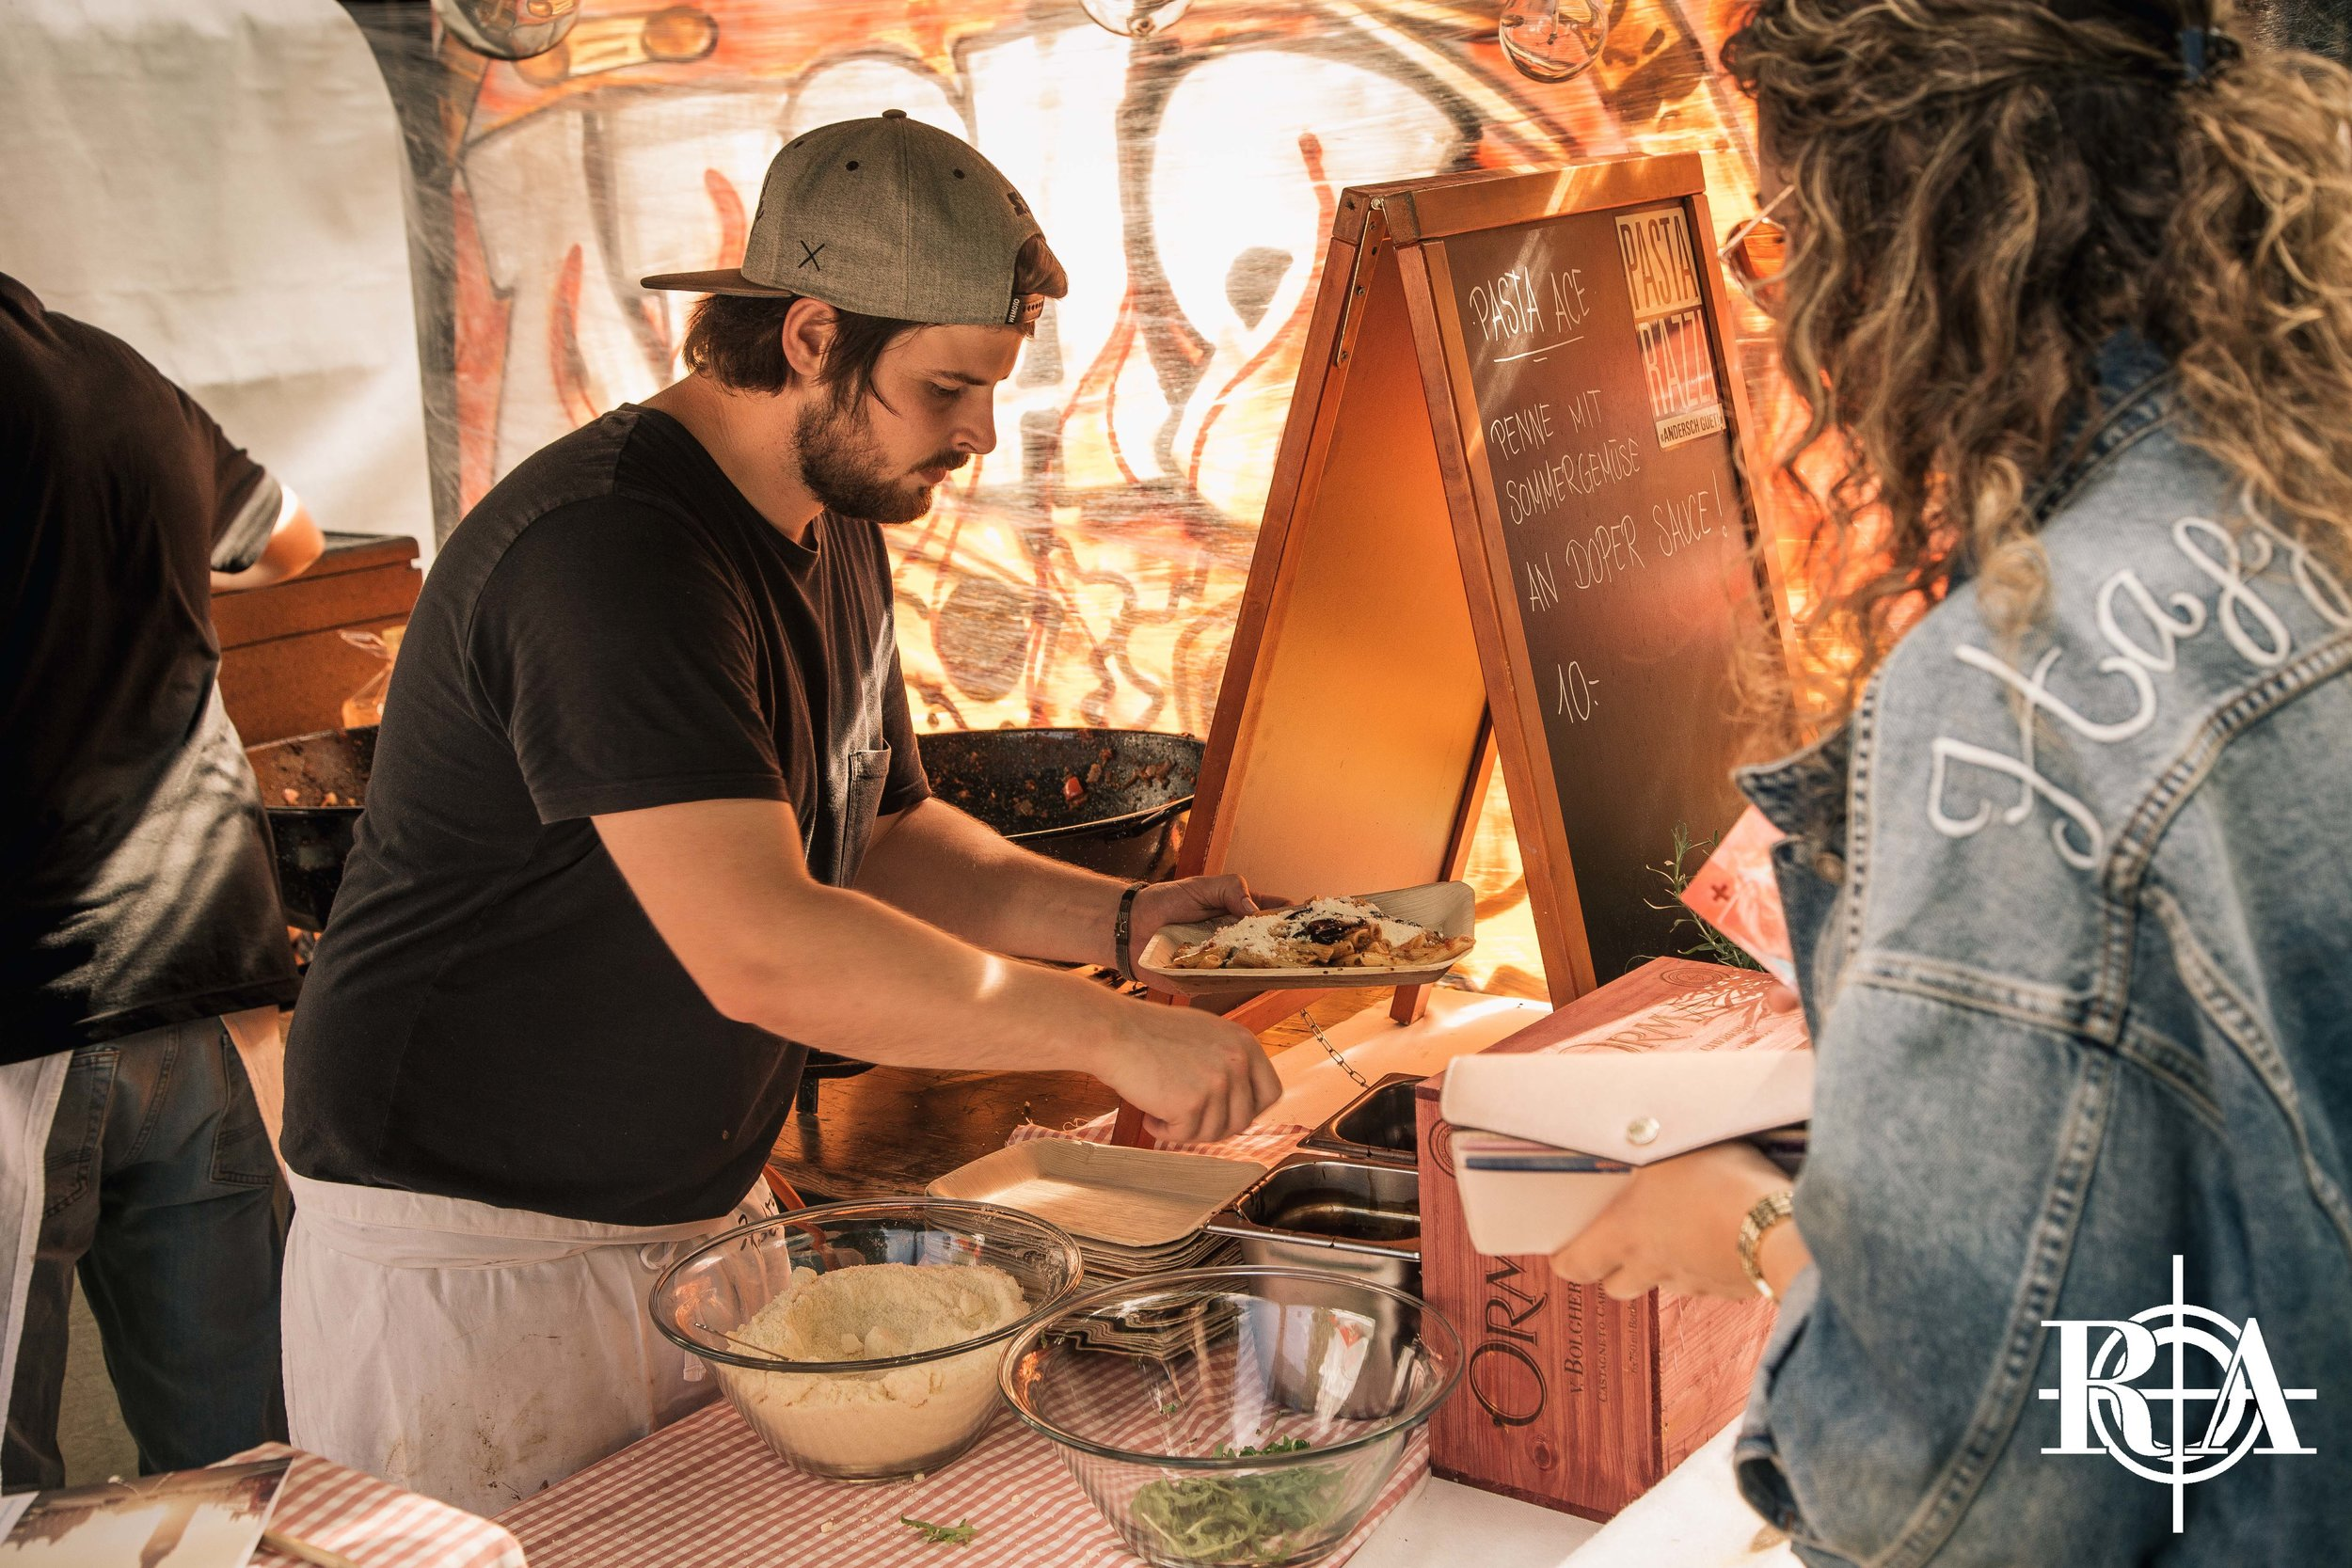 FOOD - Wem Pastarazzi und Medusa ein Name sind, der wird sich auf das Festival freuen. Dieses Jahr gibt es auf dem Landenberg nebst unserem Rapattack-Stand nämlich Pasta von Pastarazzi und Burgers von Medusa. Kommt und lasst euch von unseren lokalen Köstlichkeiten überzeugen!